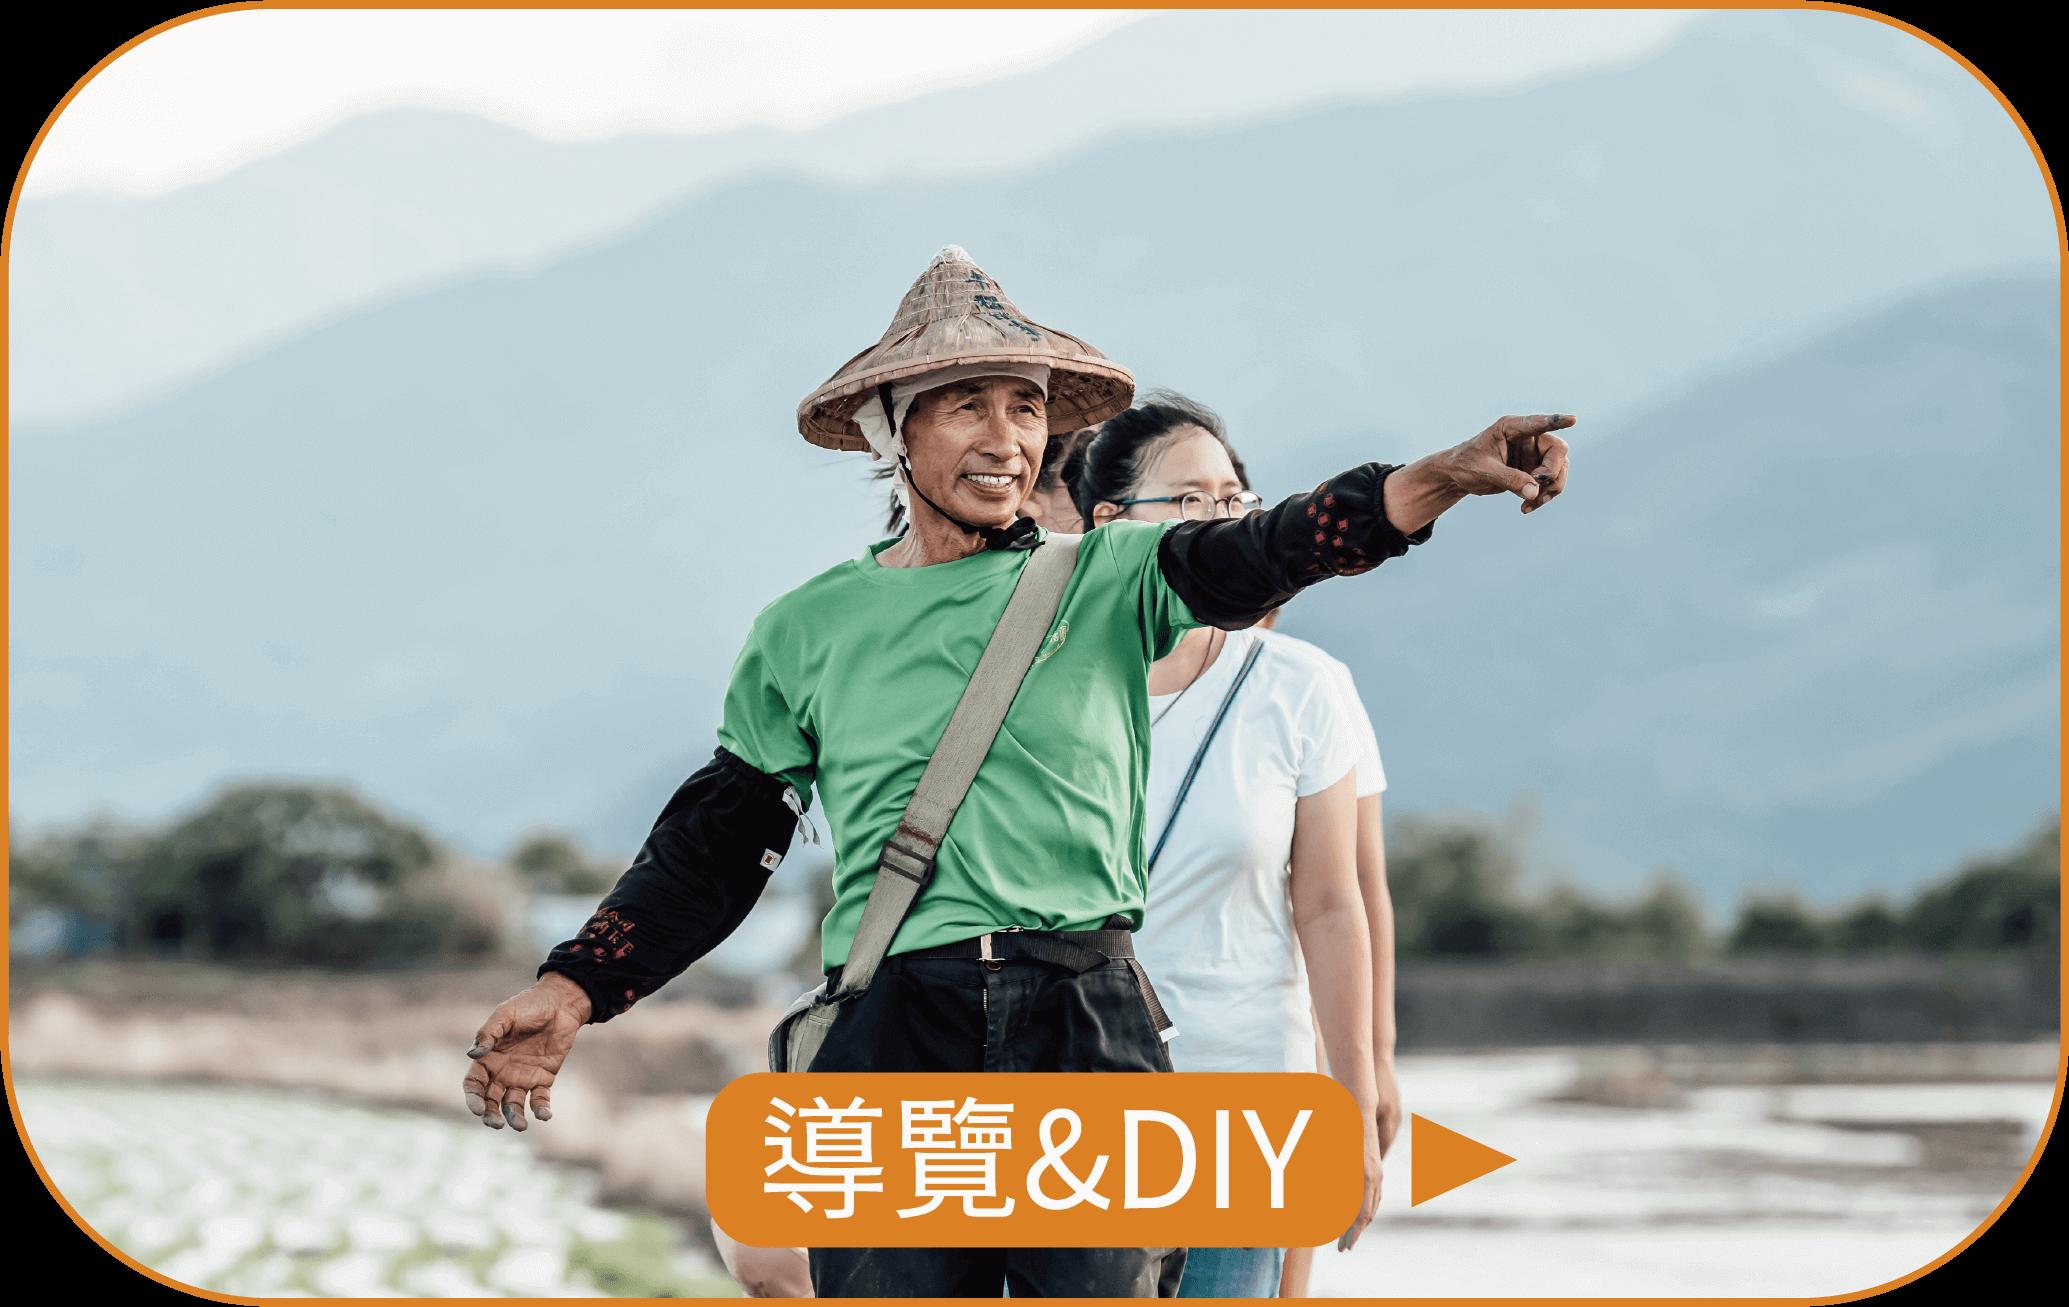 導覽&DIY